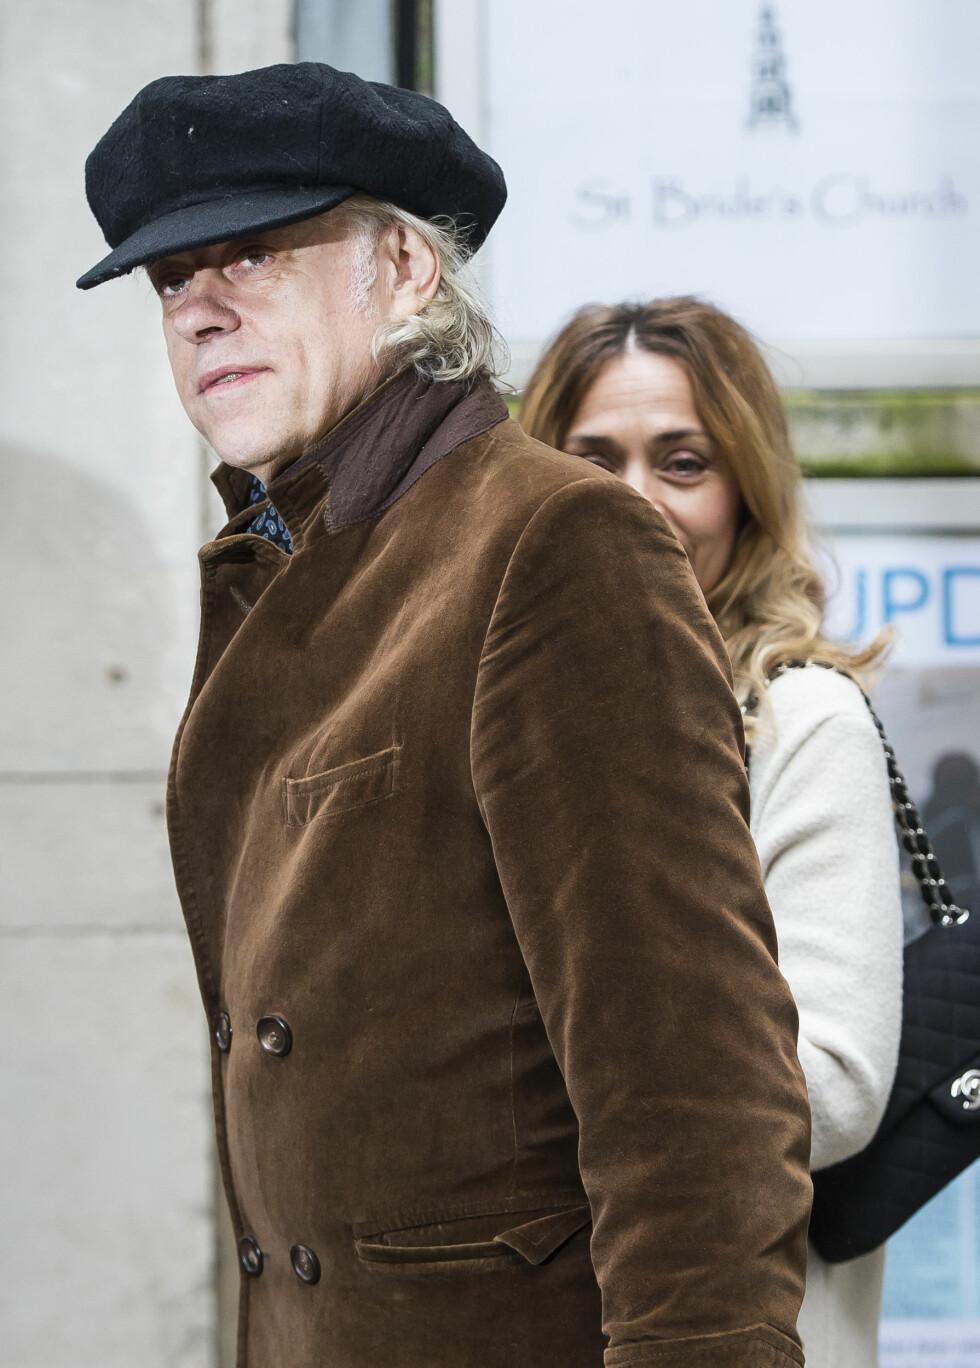 KJENDISBRYLLUP: Artist Bob Geldof og kona Jeanne Marine var også på plass i bryllupet.  Foto: SipaUSA